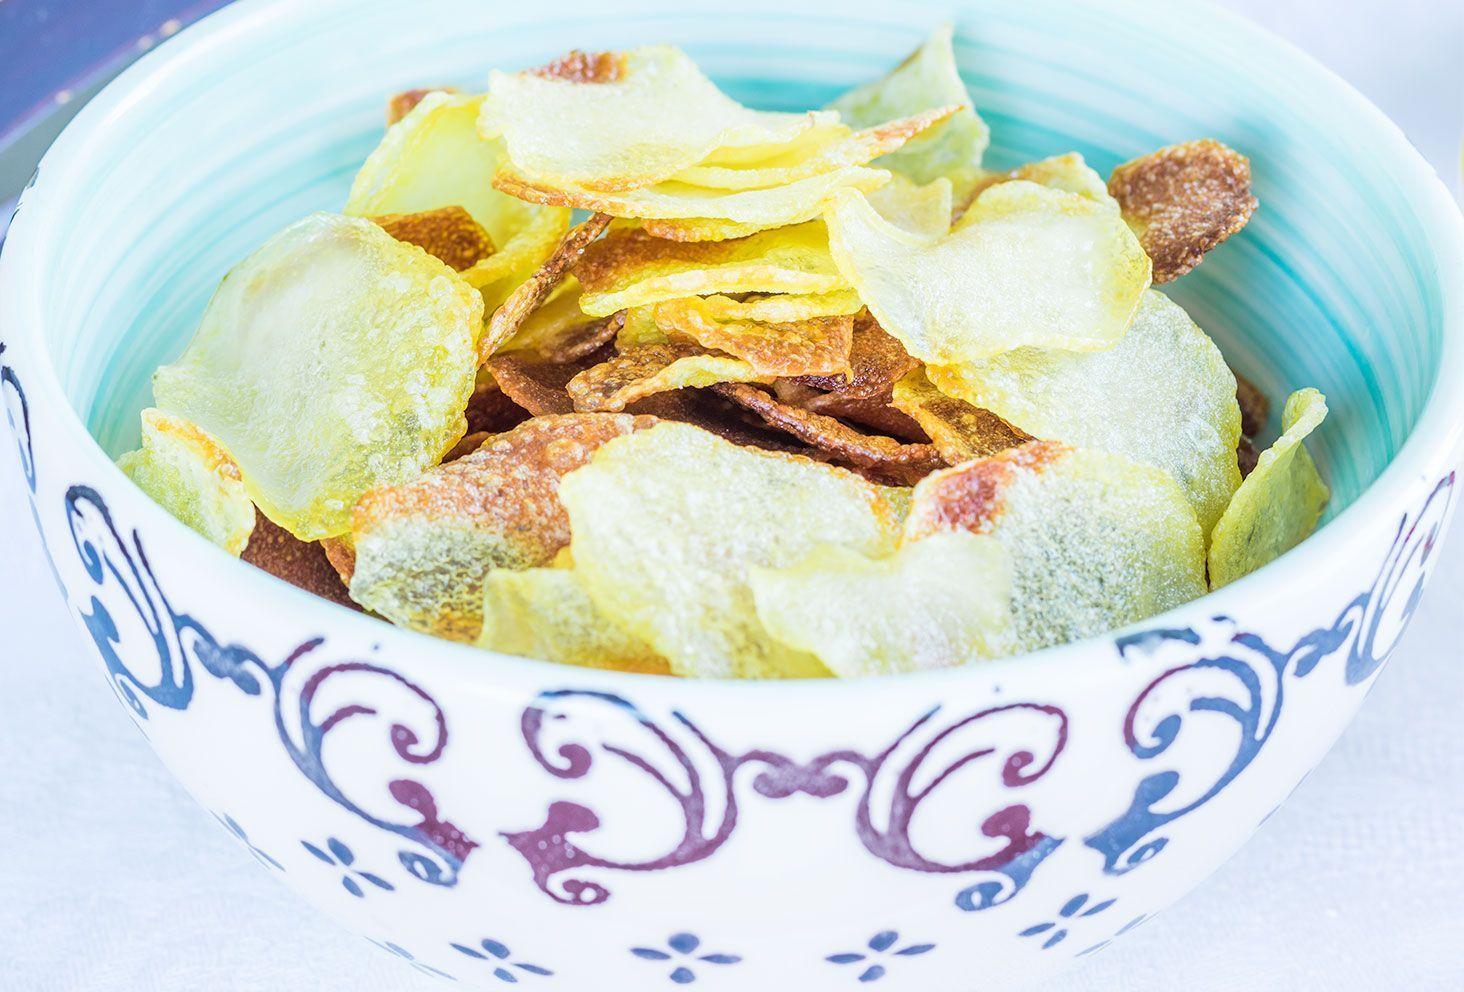 Recette de l'été #3 : guacamole et chips maison ! #aperodinatoirefacile Recette facile et rapide. Idée recette apero dînatoire facile. Chips fait maison. Recette chips au four. Recette au four facile. Idée recette amuse-bouche facile. #amusebouchefacilerapide Recette de l'été #3 : guacamole et chips maison ! #aperodinatoirefacile Recette facile et rapide. Idée recette apero dînatoire facile. Chips fait maison. Recette chips au four. Recette au four facile. Idée recette amuse-bouche fac #aperodinatoirefacile